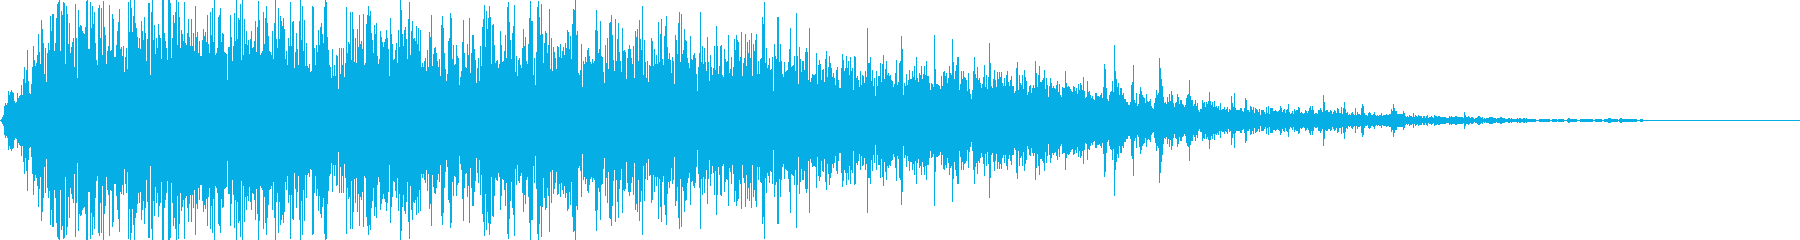 火炎魔法(強烈な火炎放射)の再生済みの波形